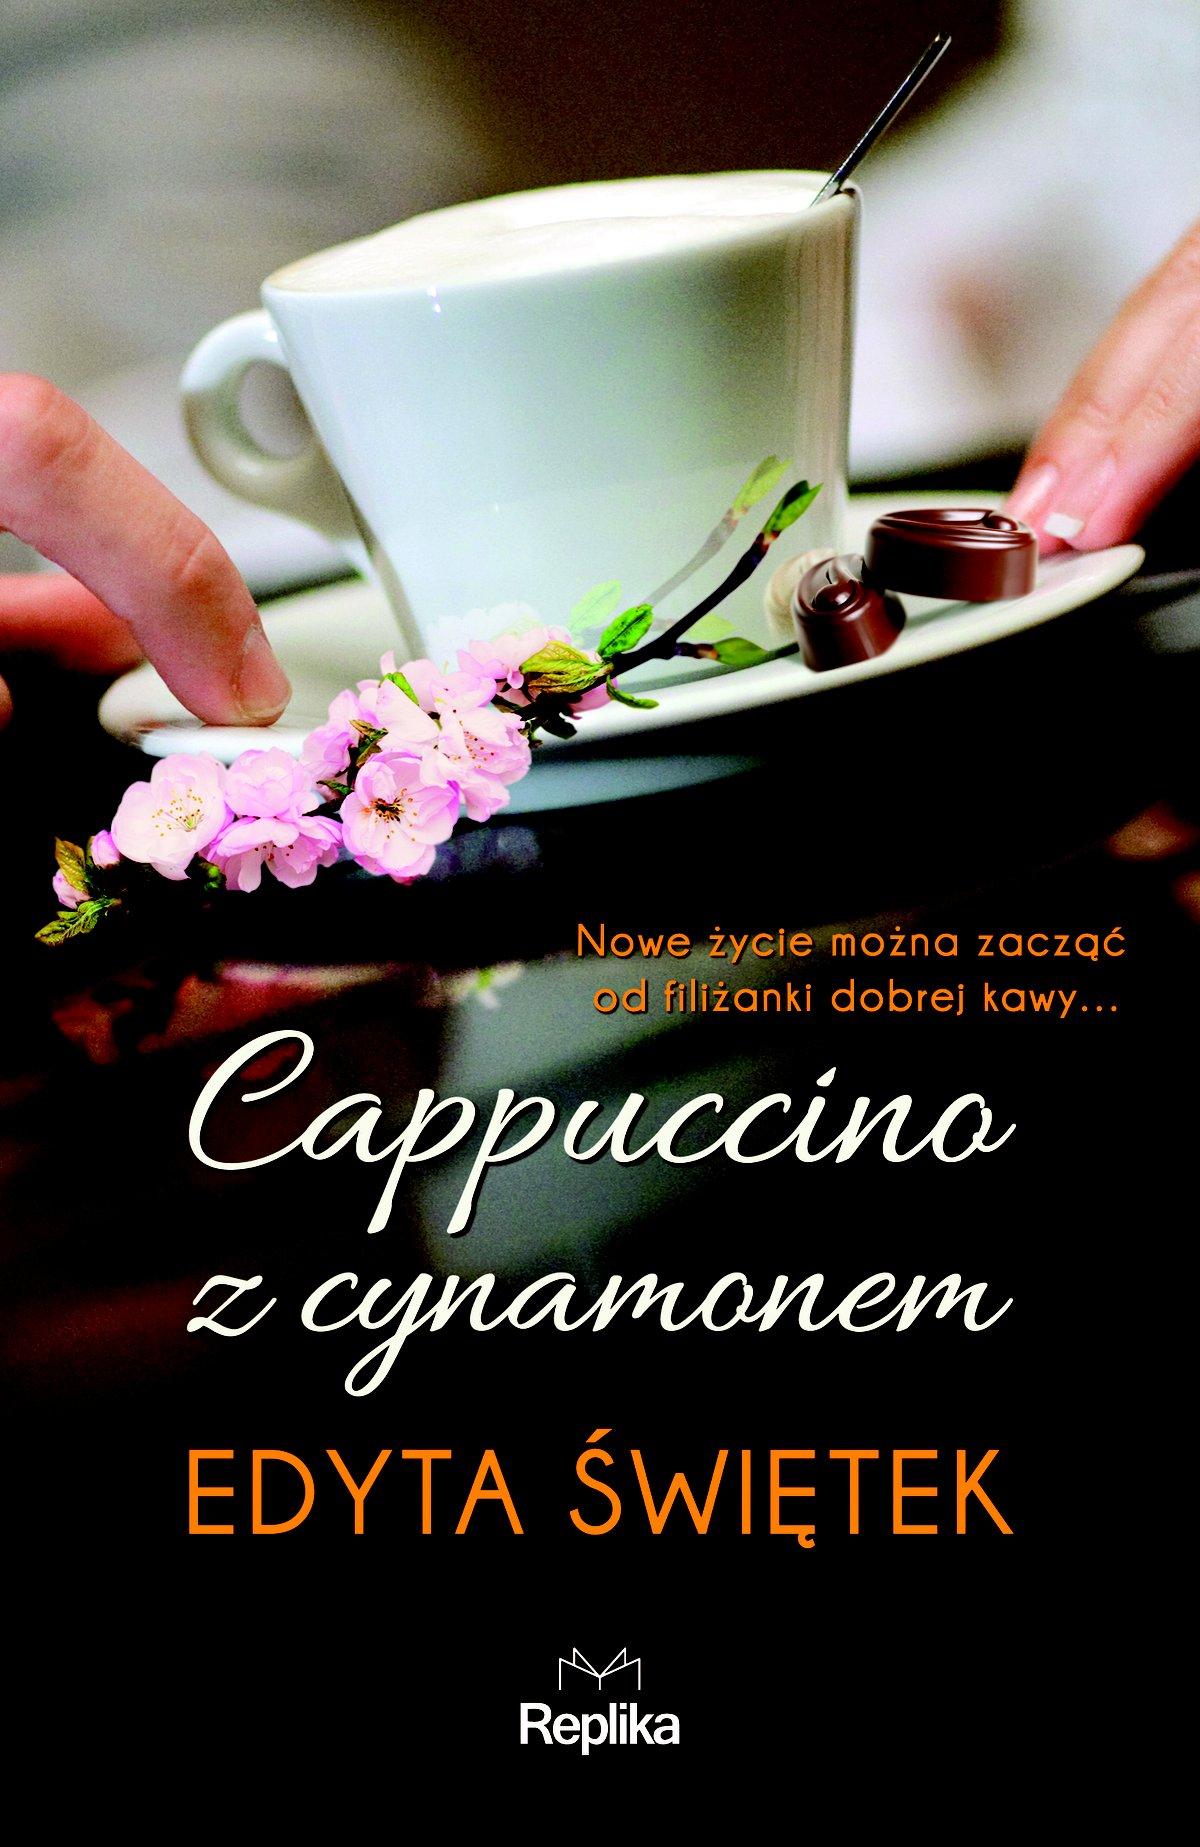 Cappuccino z cynamonem - Ebook (Książka EPUB) do pobrania w formacie EPUB